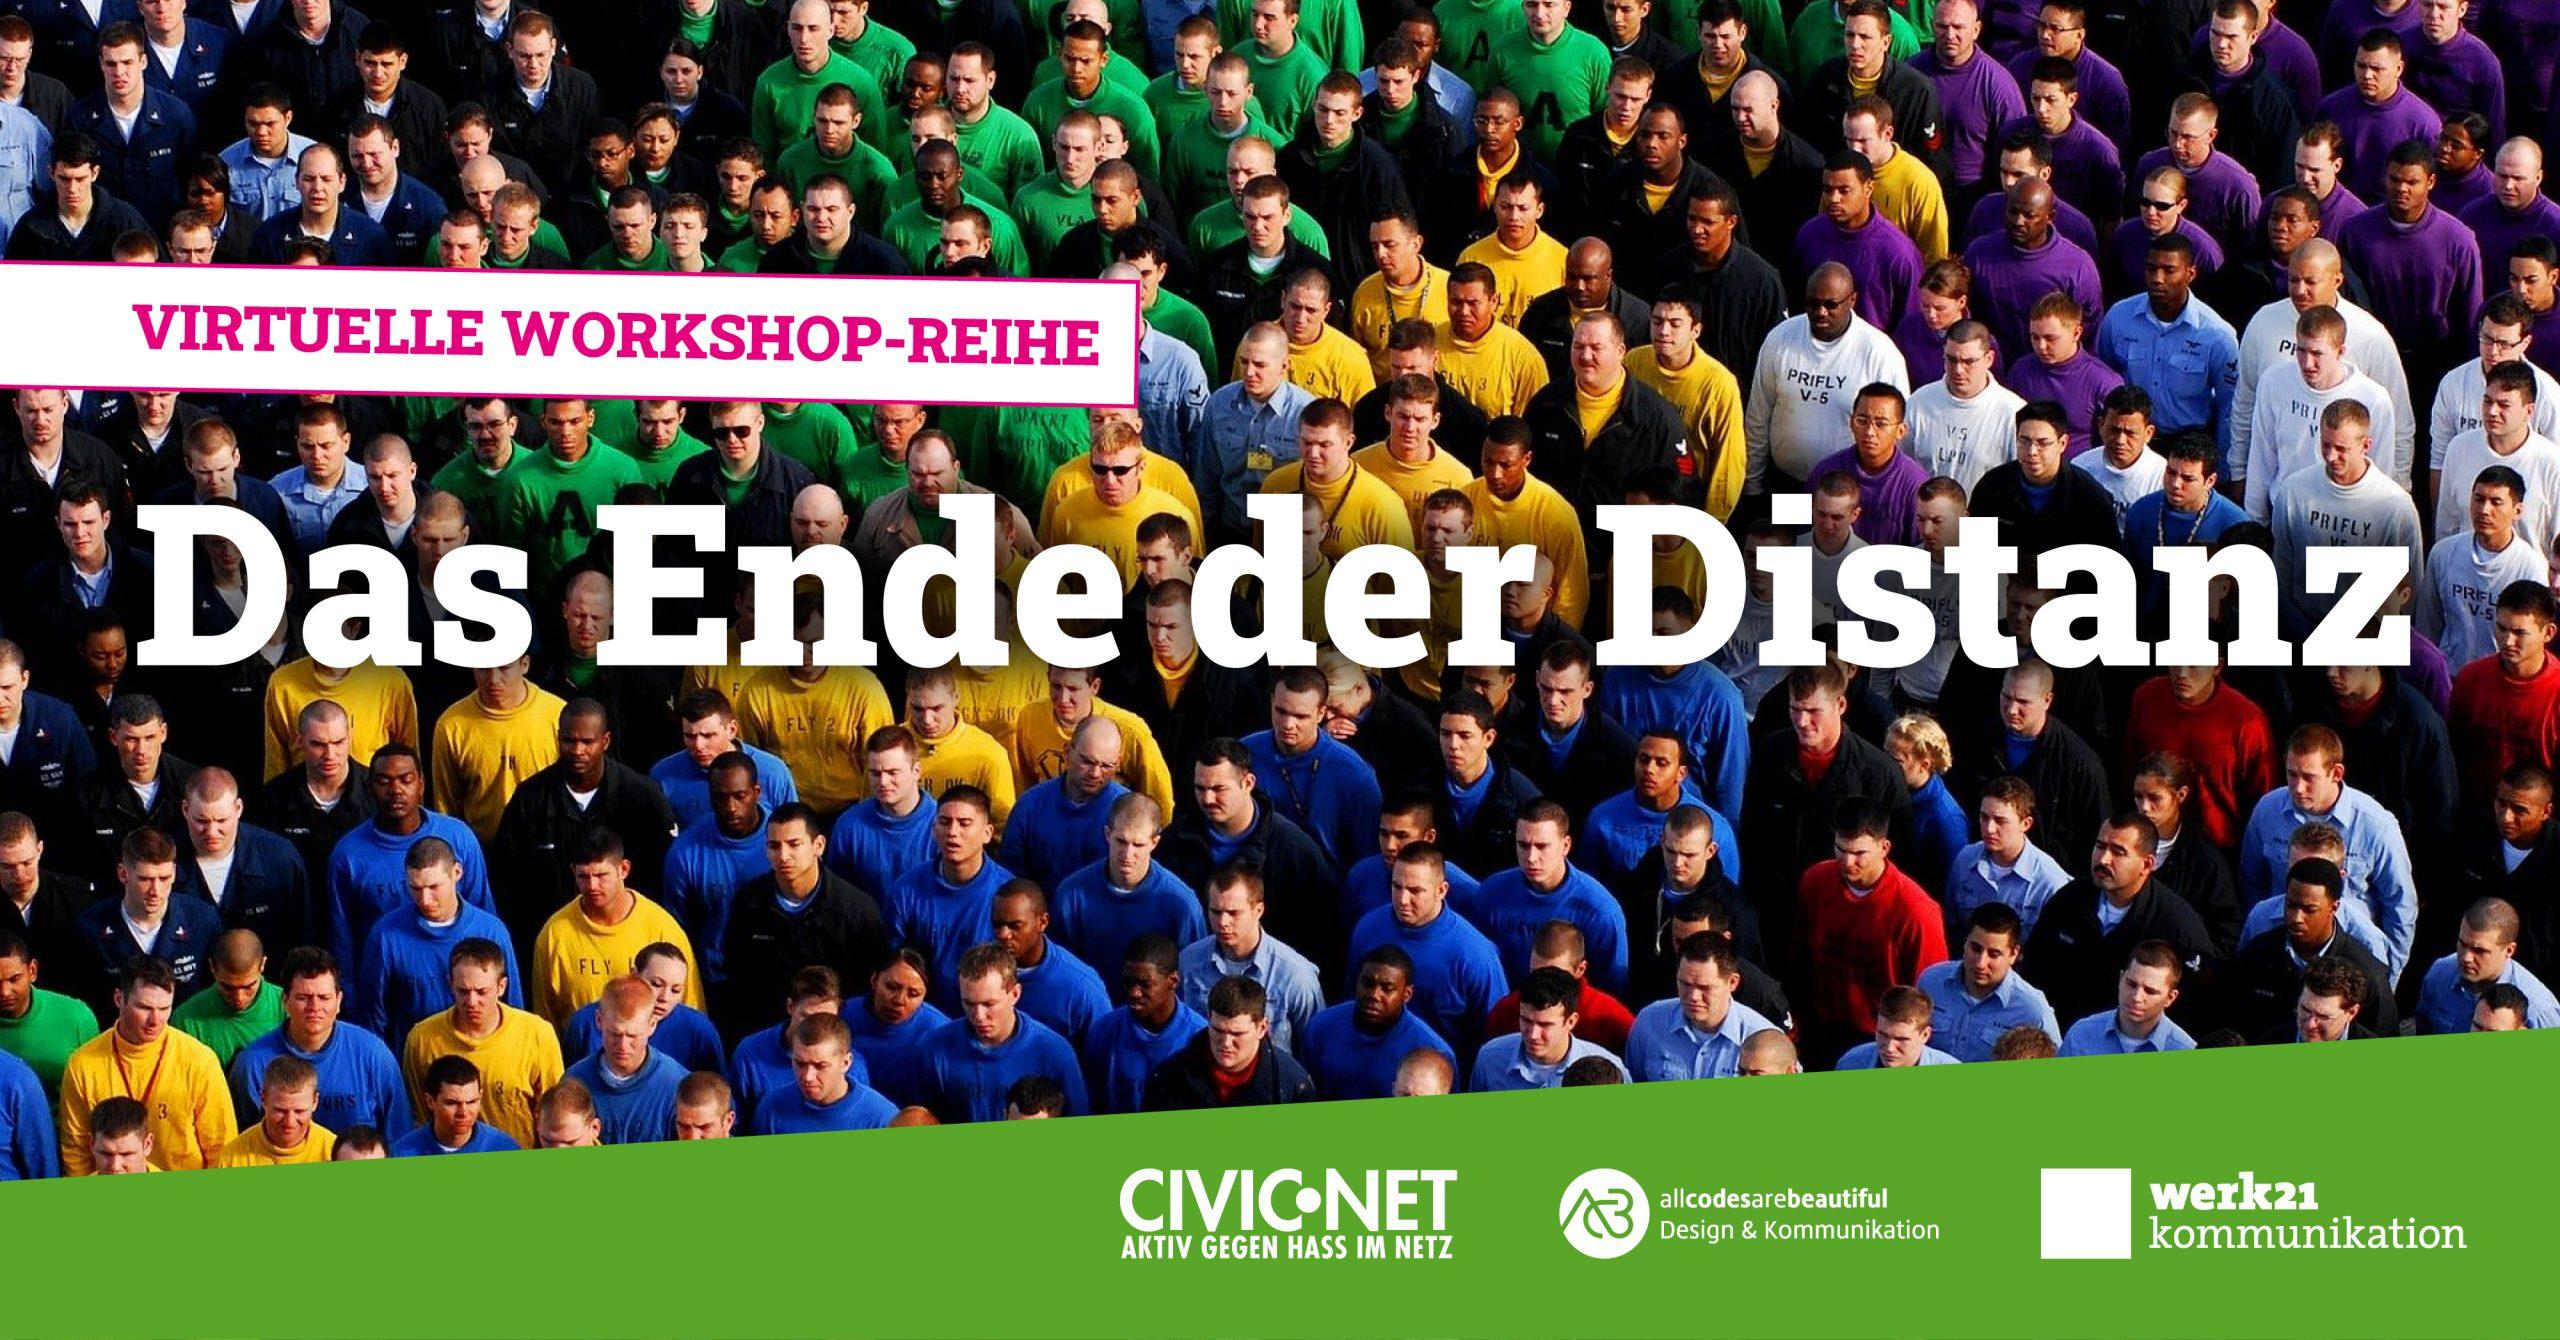 CIVIC_Titelbild_Das-Ende-der-Distanz_16x9 (1)